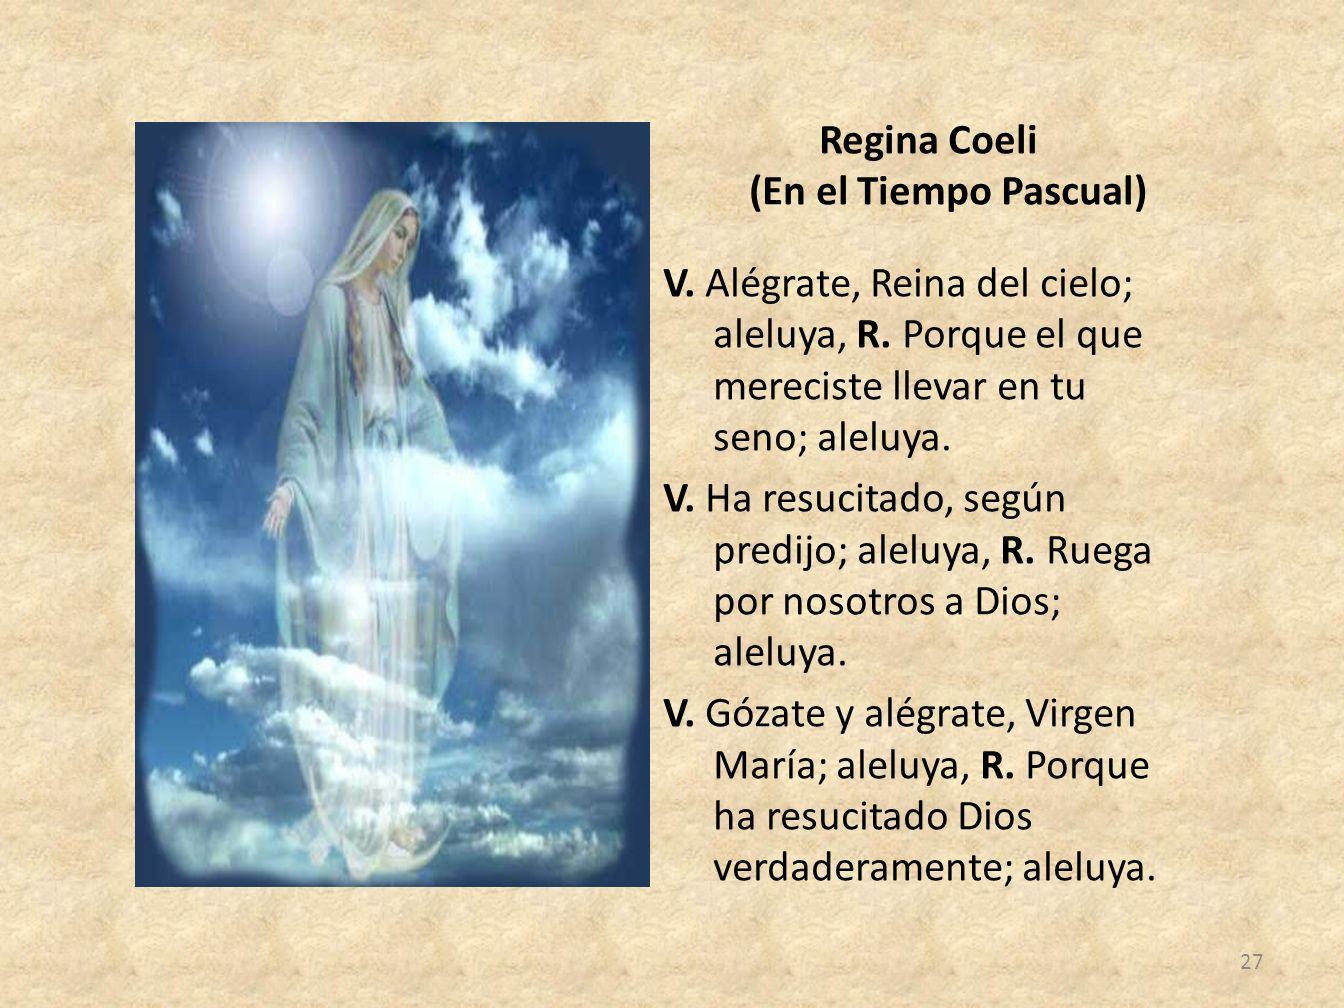 Regina Coeli (En el Tiempo Pascual) V. Alégrate, Reina del cielo; aleluya, R. Porque el que mereciste llevar en tu seno; aleluya. V. Ha resucitado, se